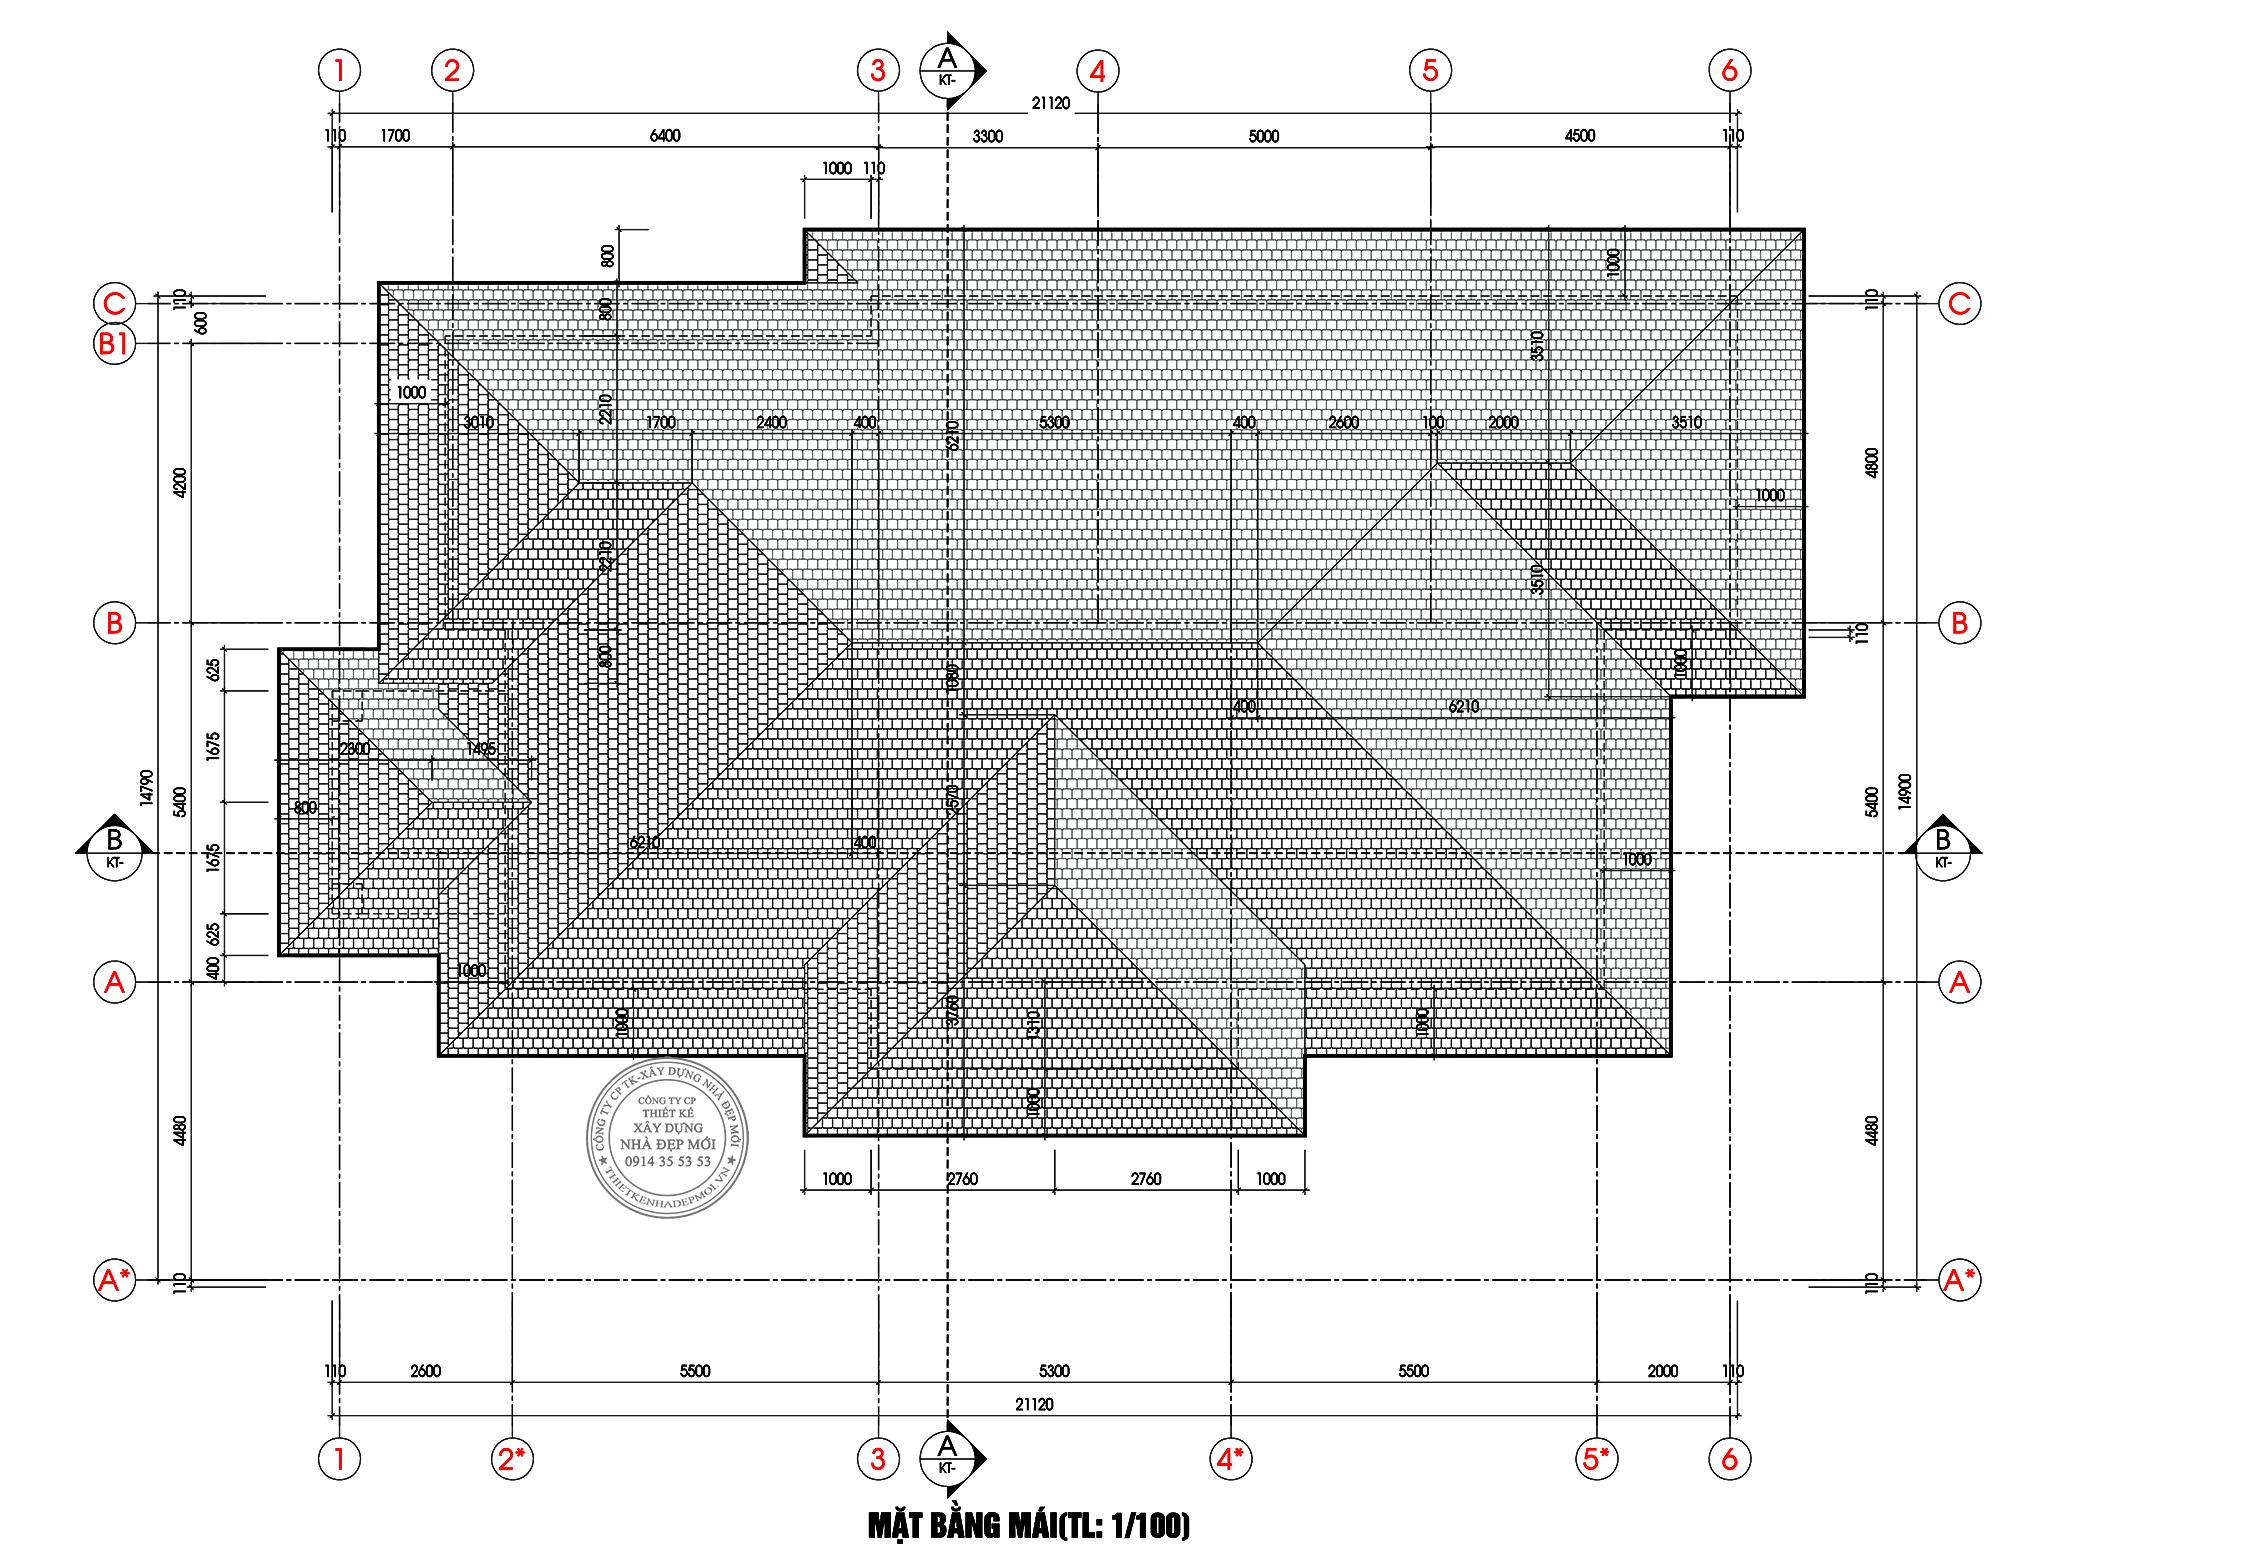 Bảng vẽ mặt bằng mái của mẫu biệt thự